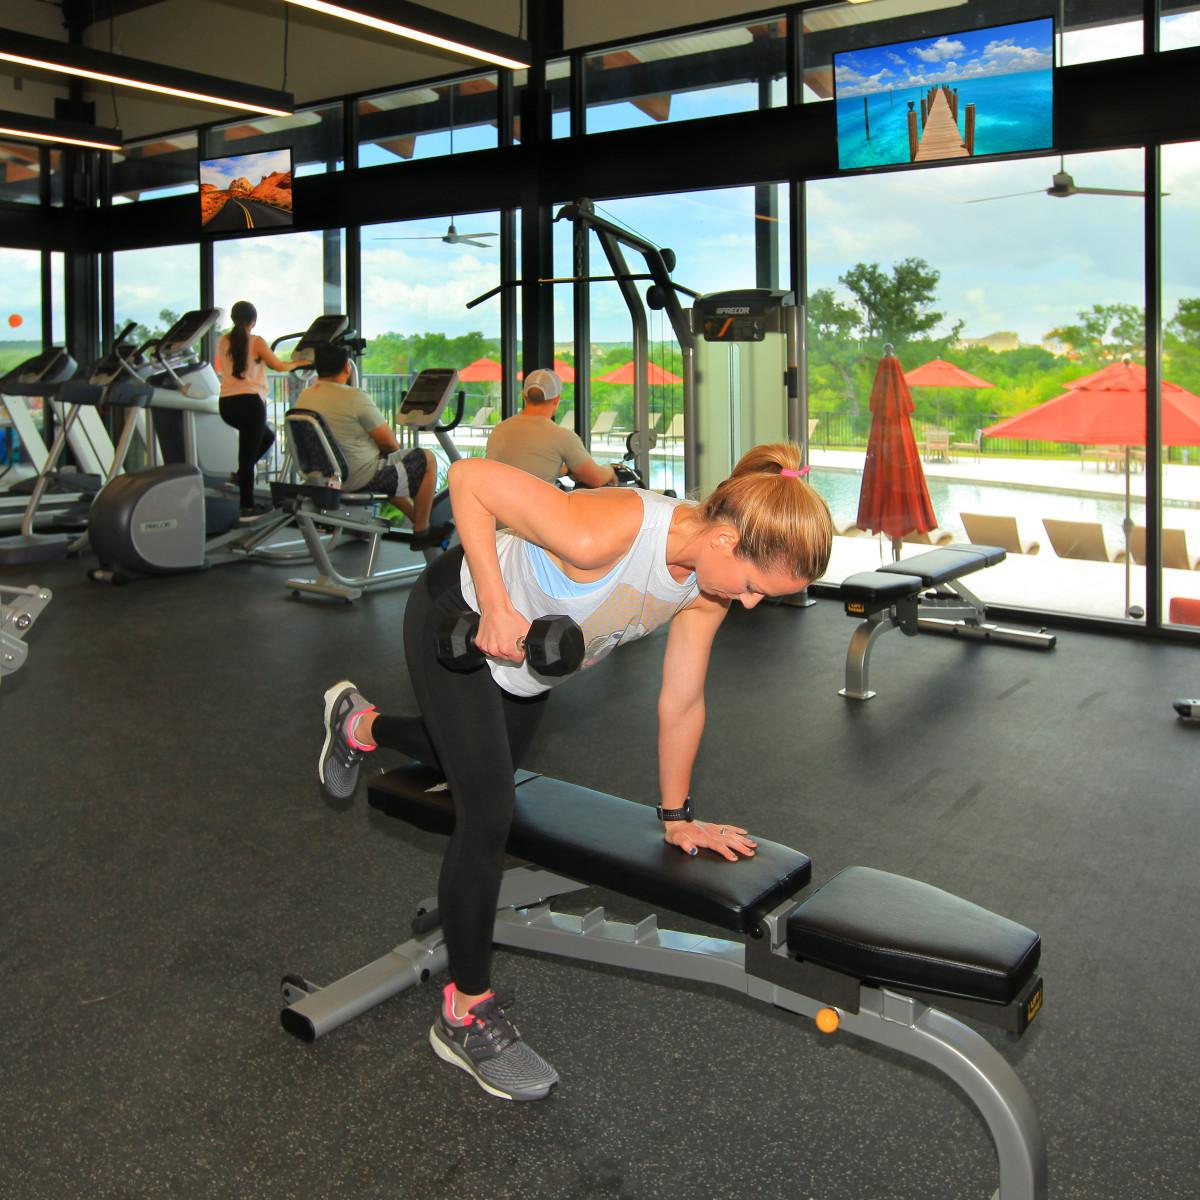 Whisper Valley fitness center